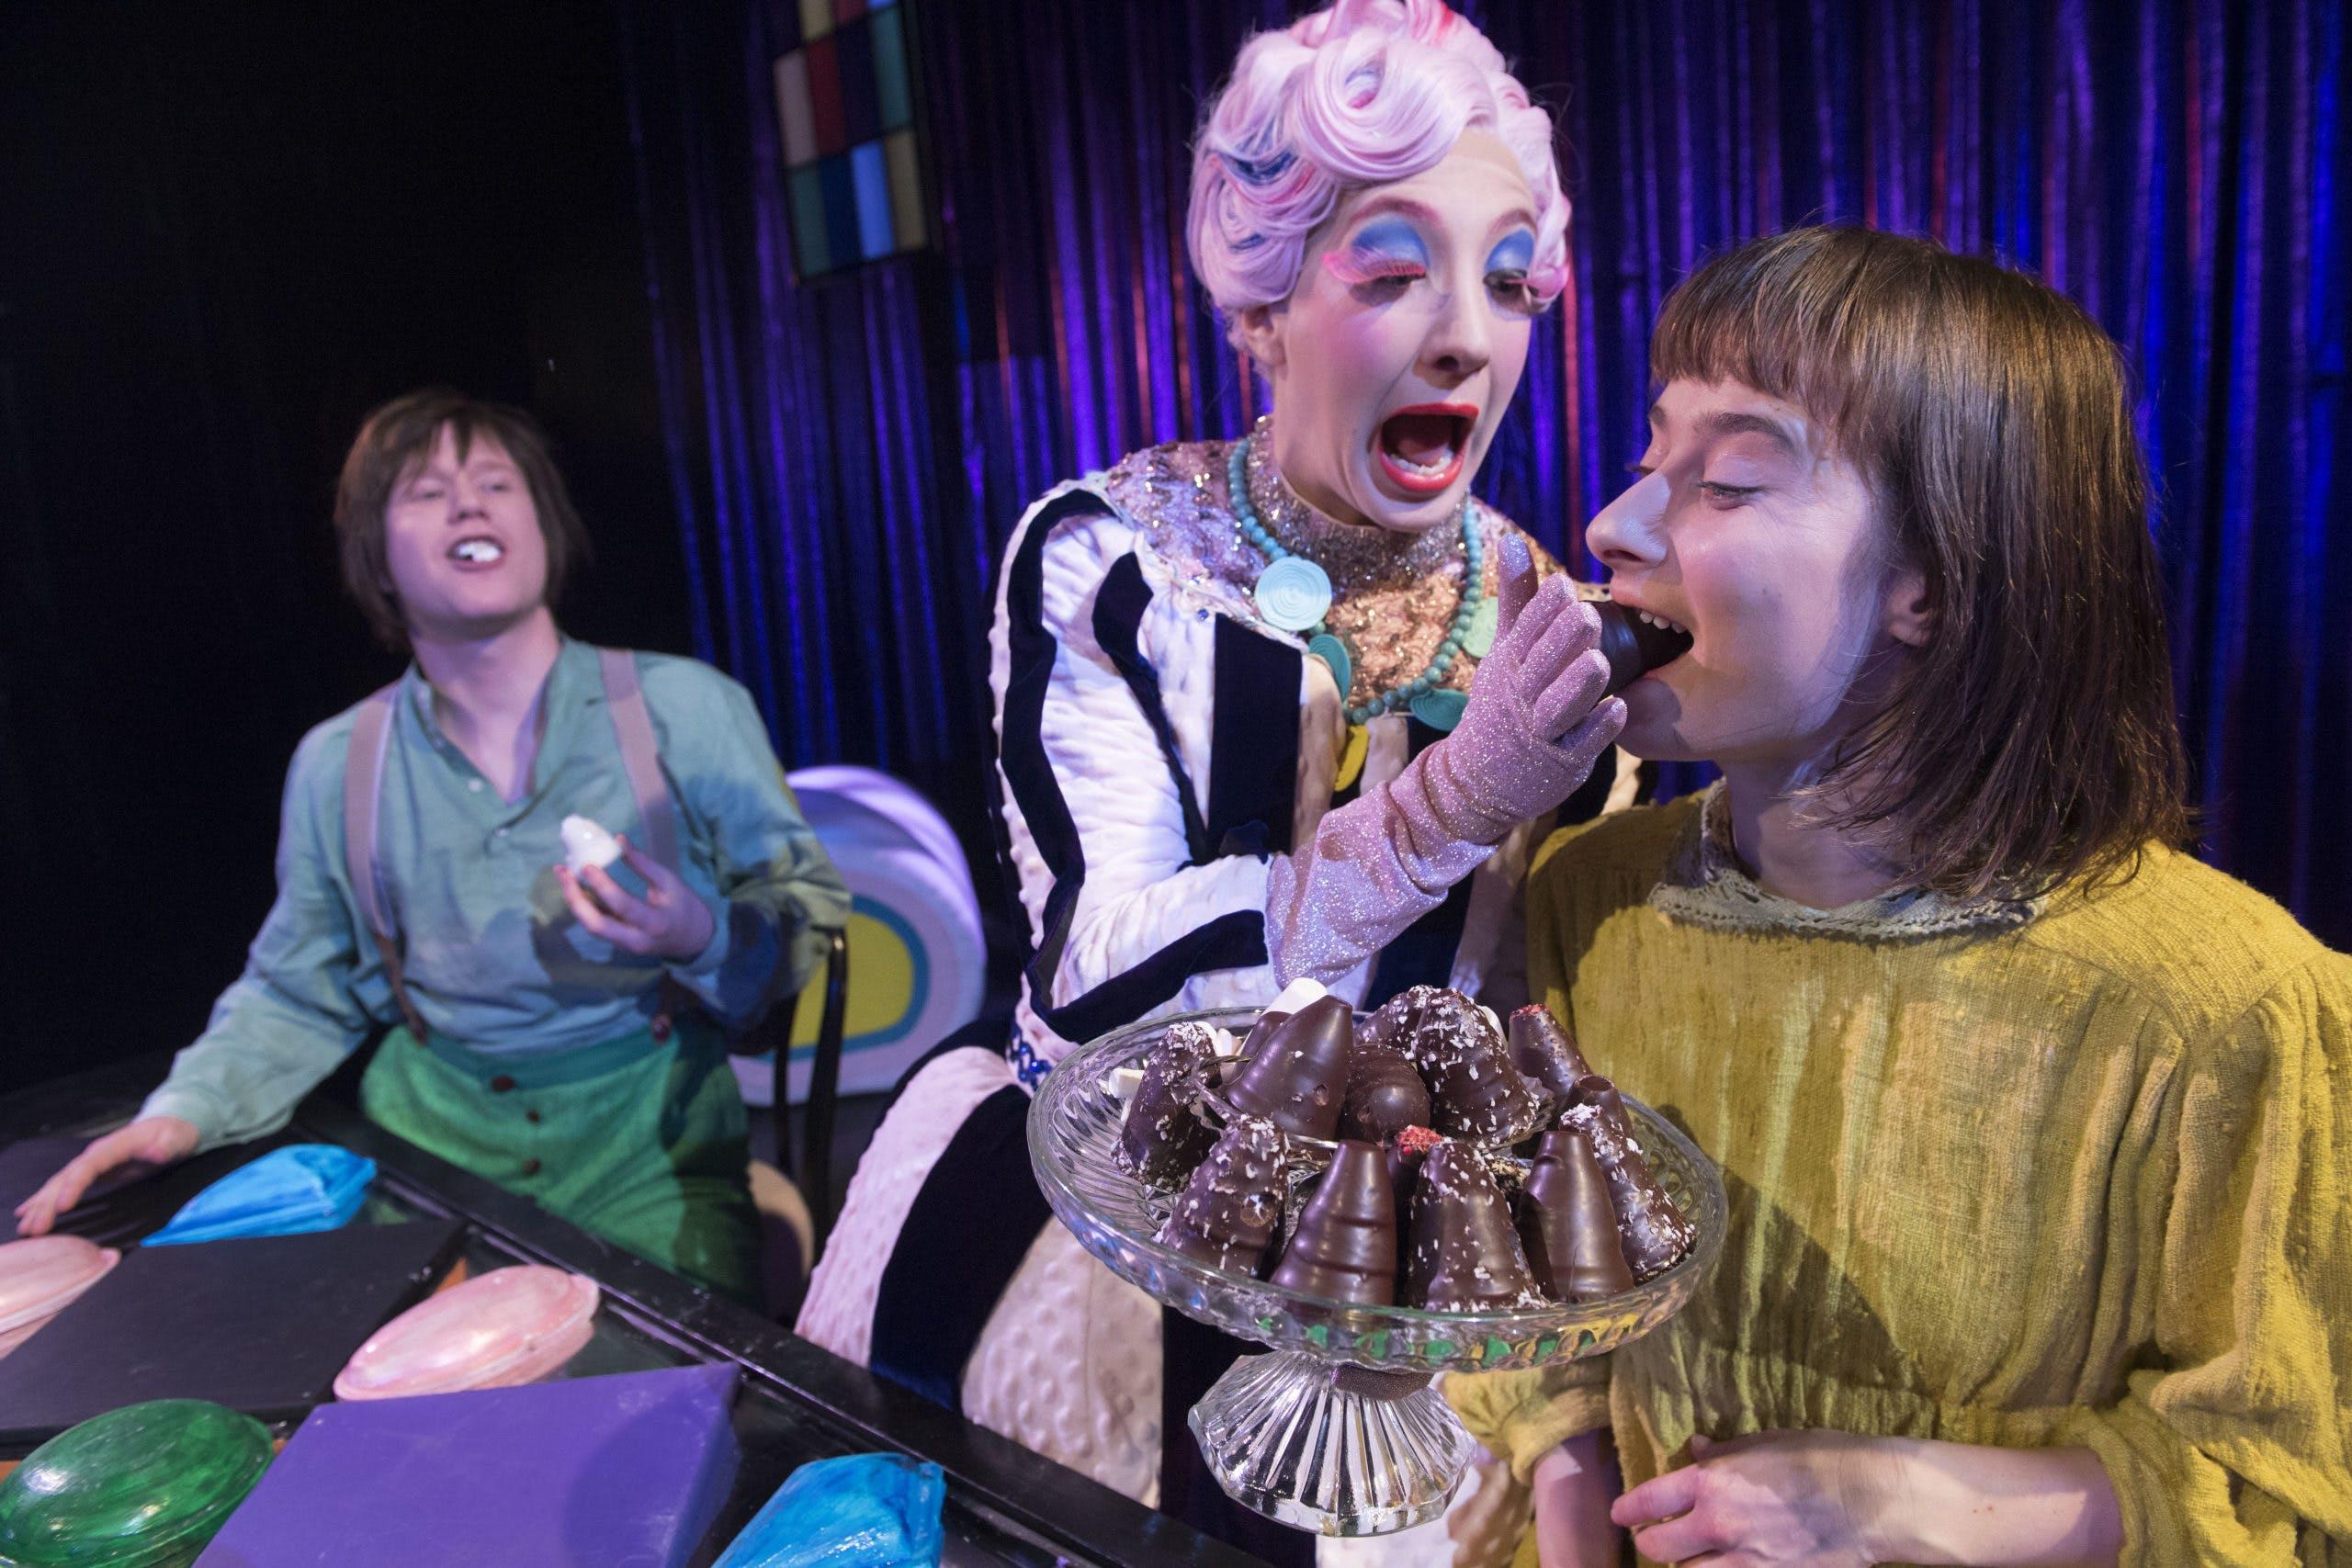 Anmeldelse: Hans og Grete, Aalborg Teater